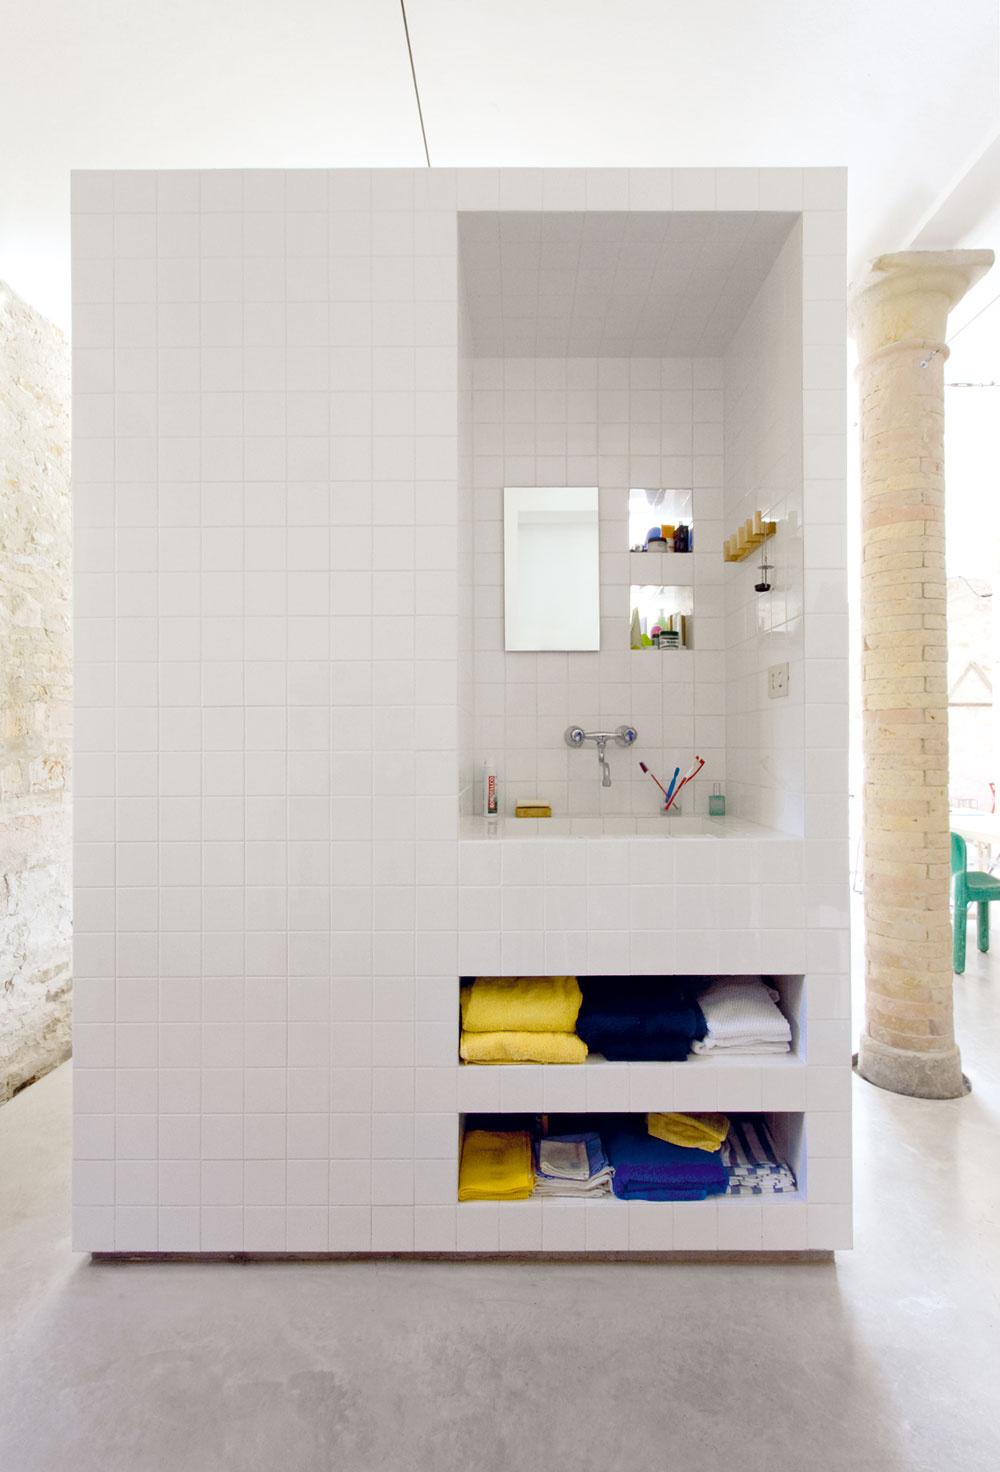 Kúpeľňu tvorí len masívny biely blok, voľne stojaci na betónovej podlahe.